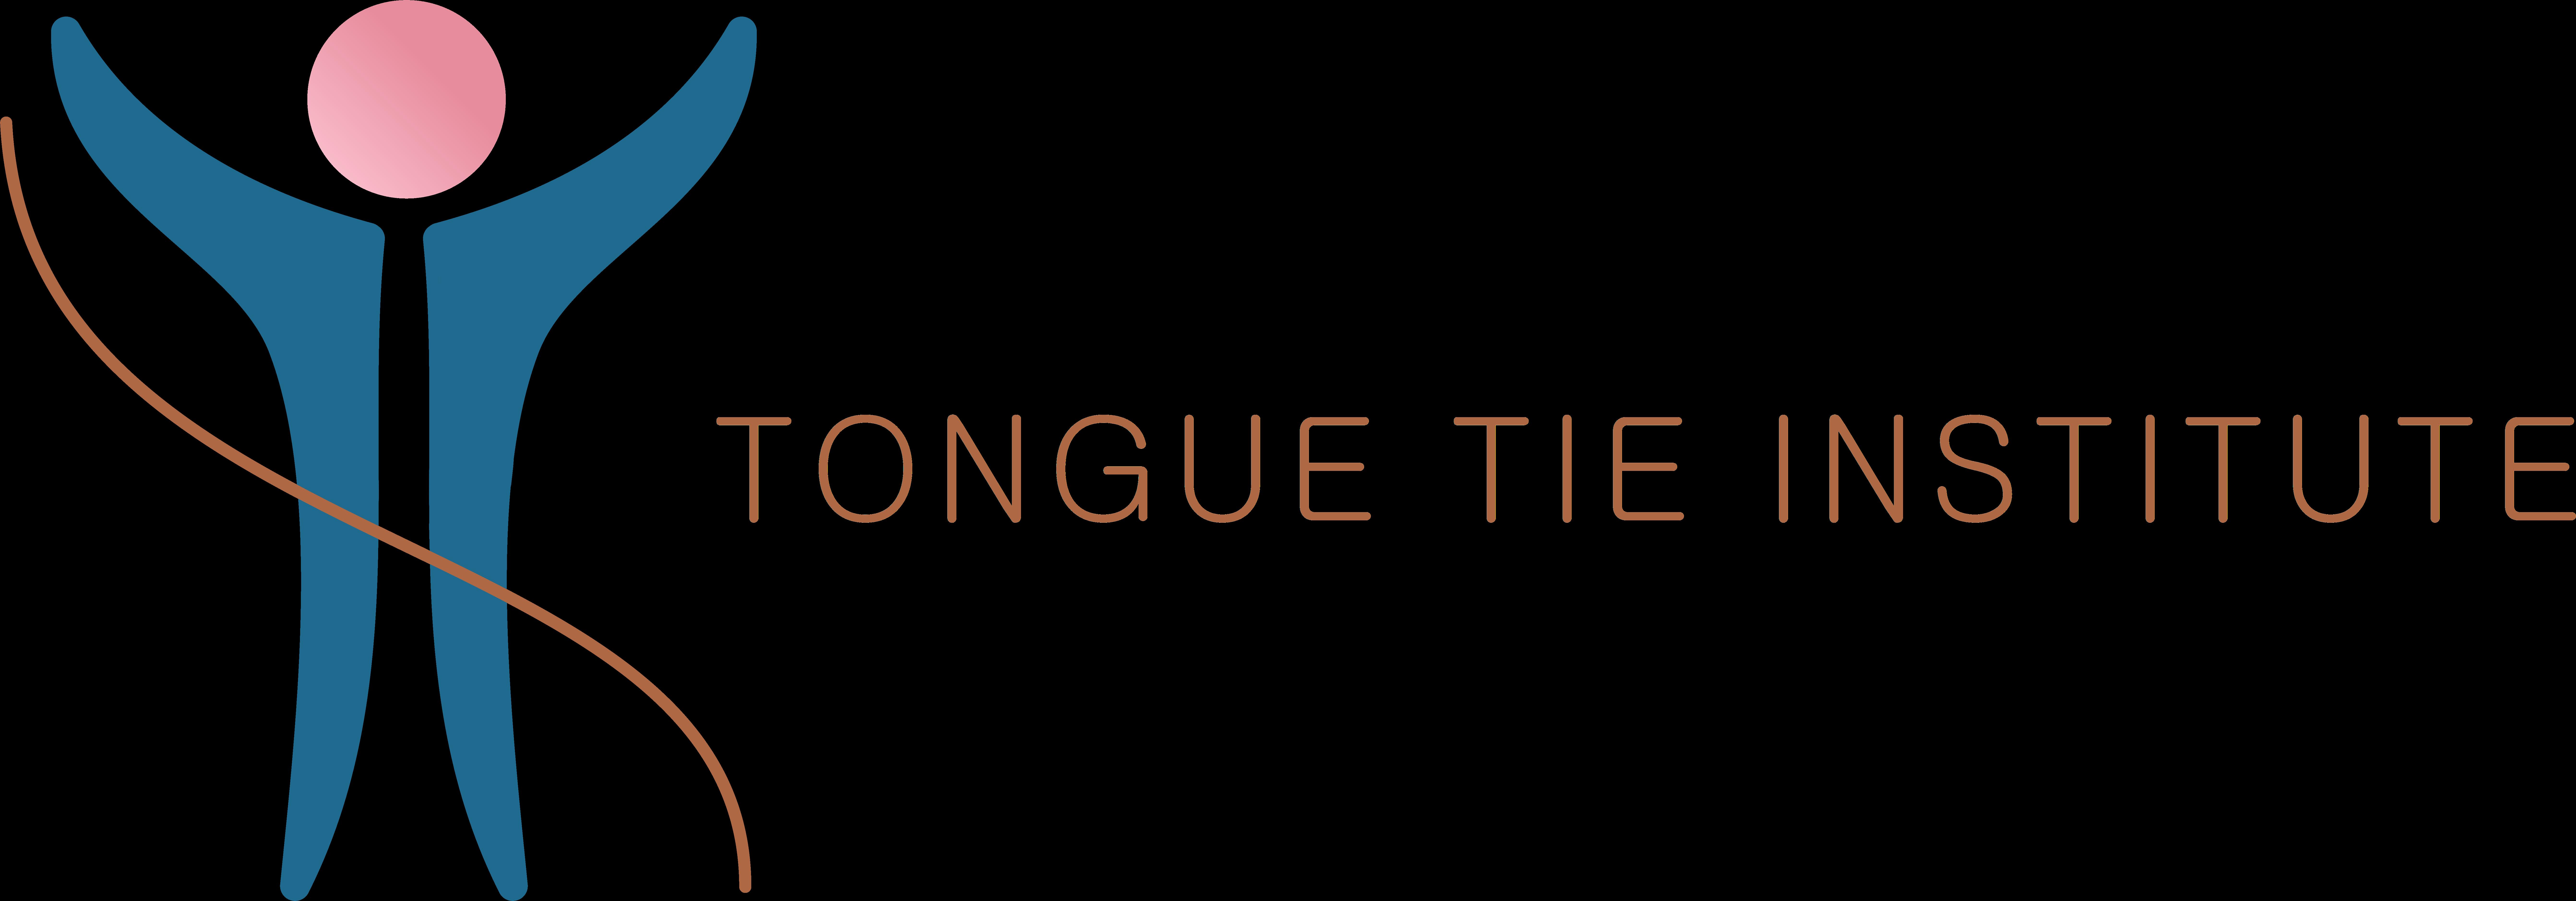 Tongue Tie Institute